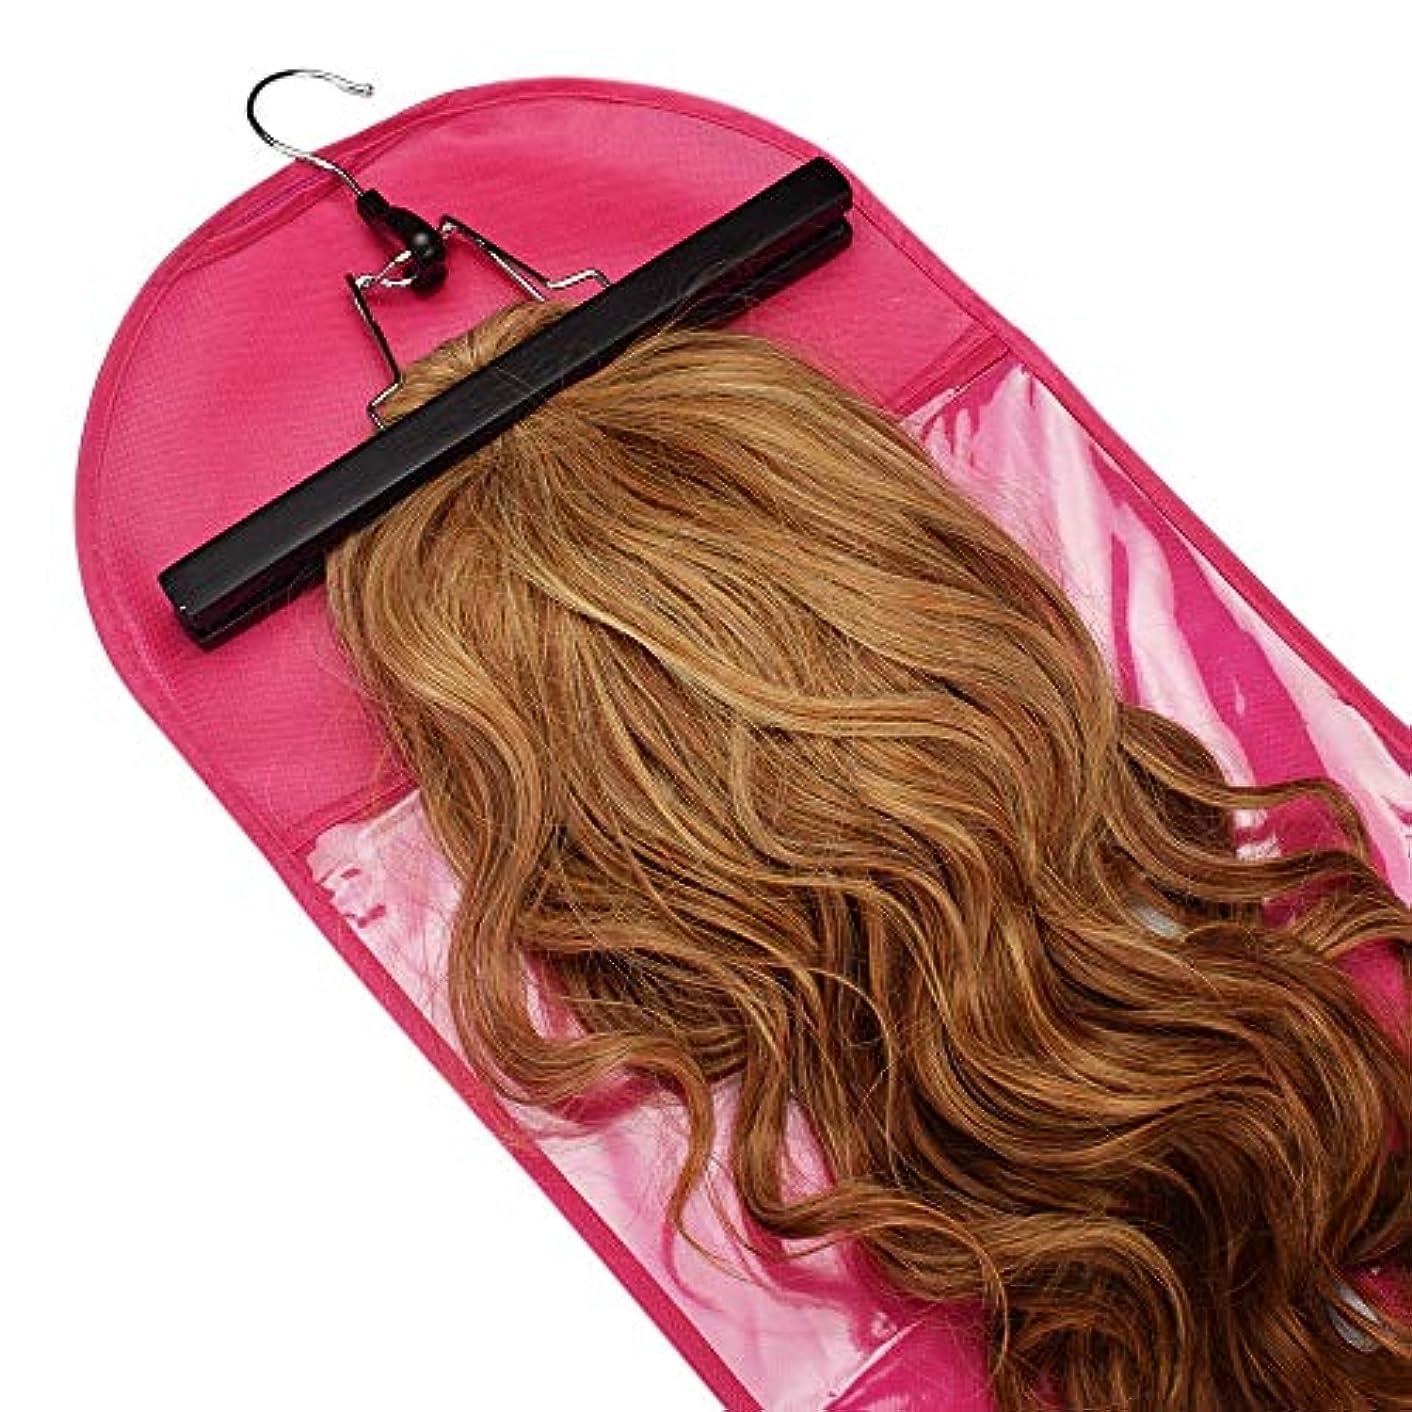 セレナリーズ月曜美しさ 3個のヘアエクステンションかつら収納袋ハンガー防塵保護収納ホルダー ヘア&シェービング (色 : ピンク)